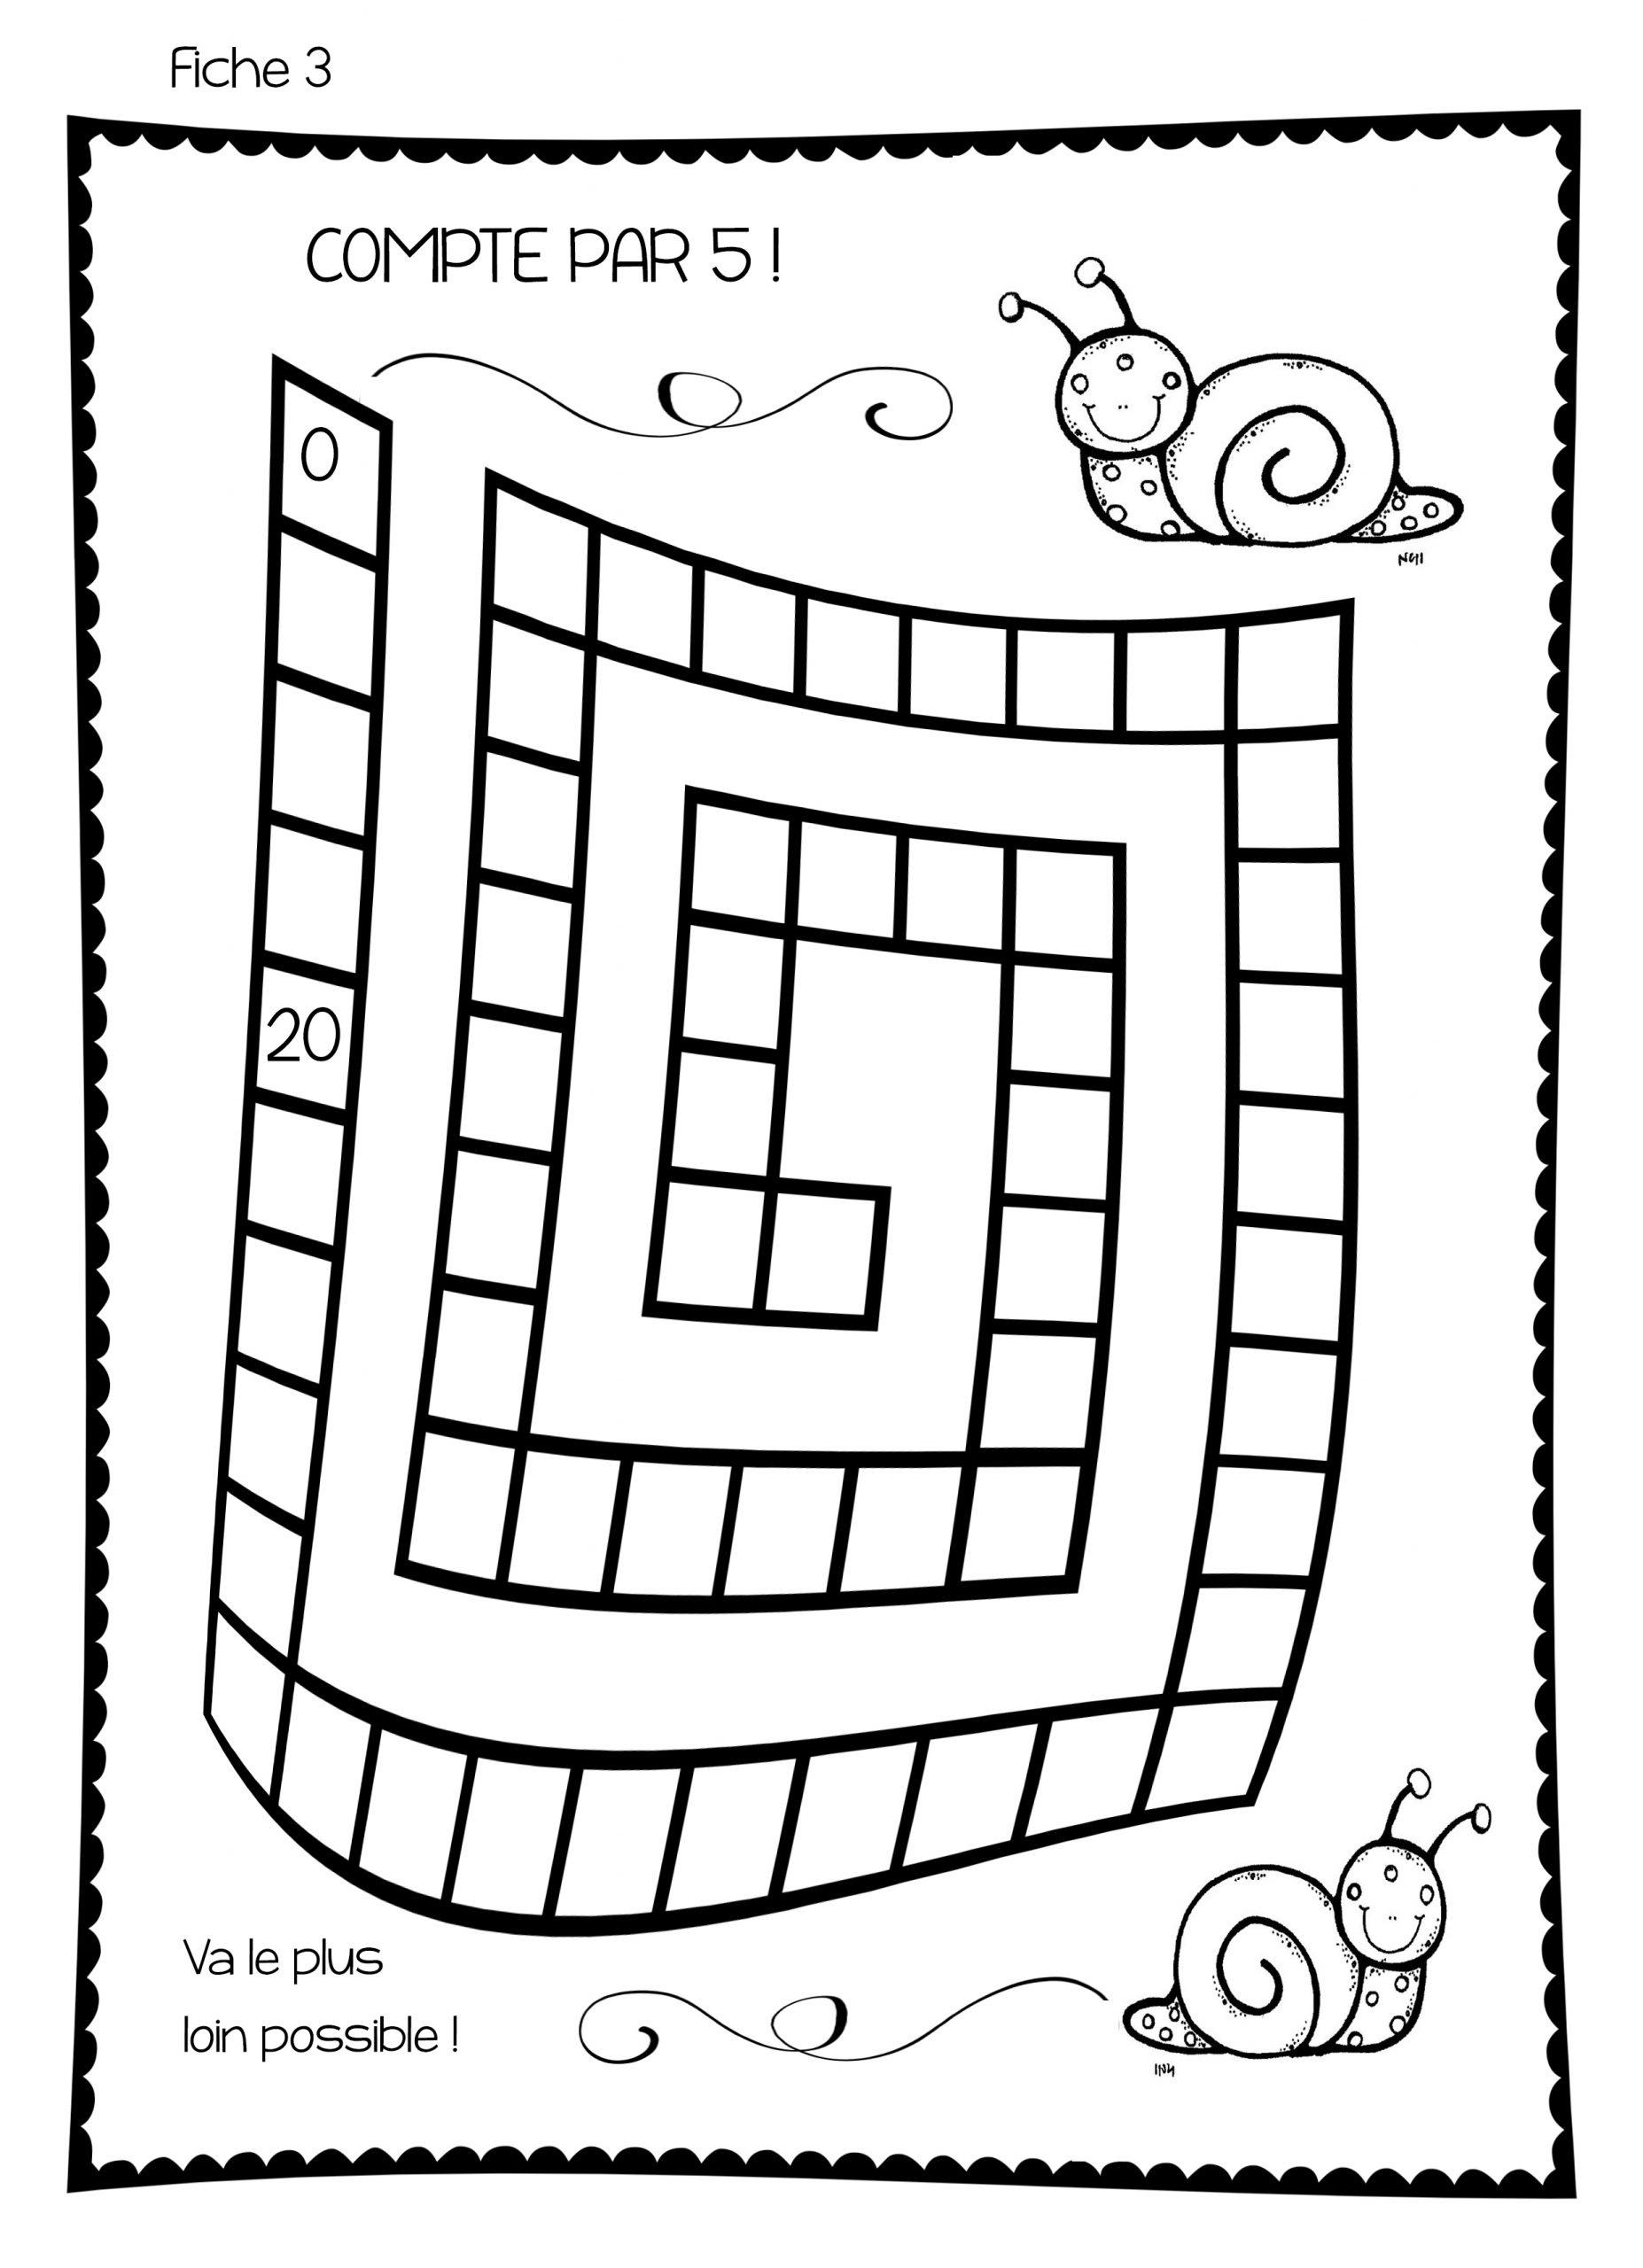 Jeux Tables De Multiplication - Un Monde Meilleur intérieur Tables De Multiplication Jeux À Imprimer